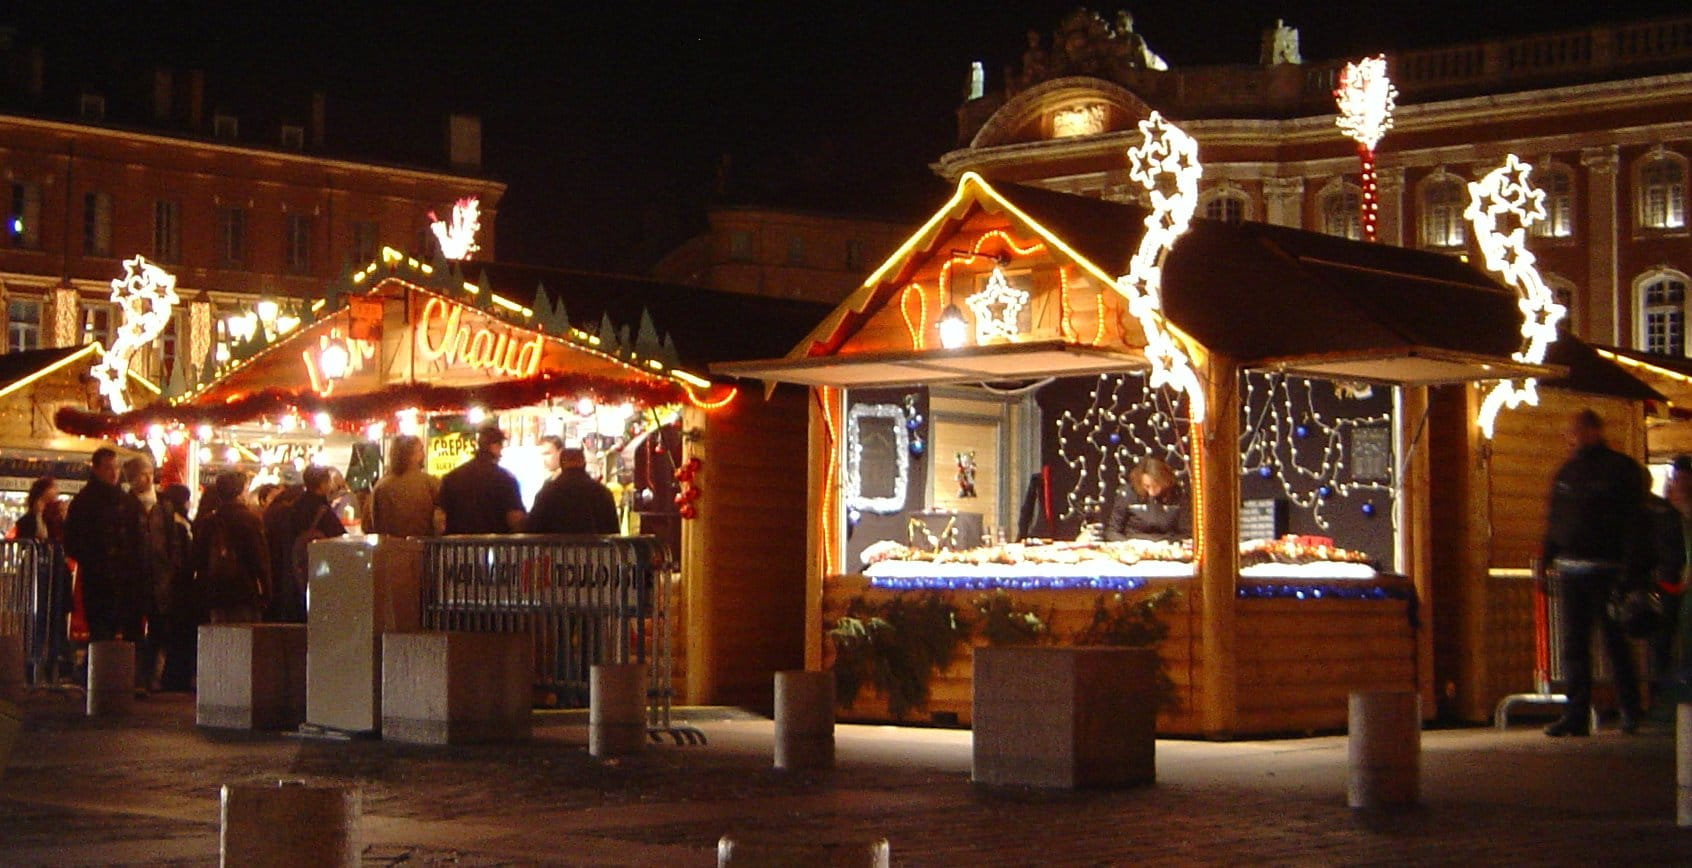 Nizza si accende delle luci e atmosfere natalizie con il tradizionale appuntamento dedicato al Villaggio di Natale nel cuore della città. Dal 3 dicembre 2016 al 1 gennaio 2017 la…